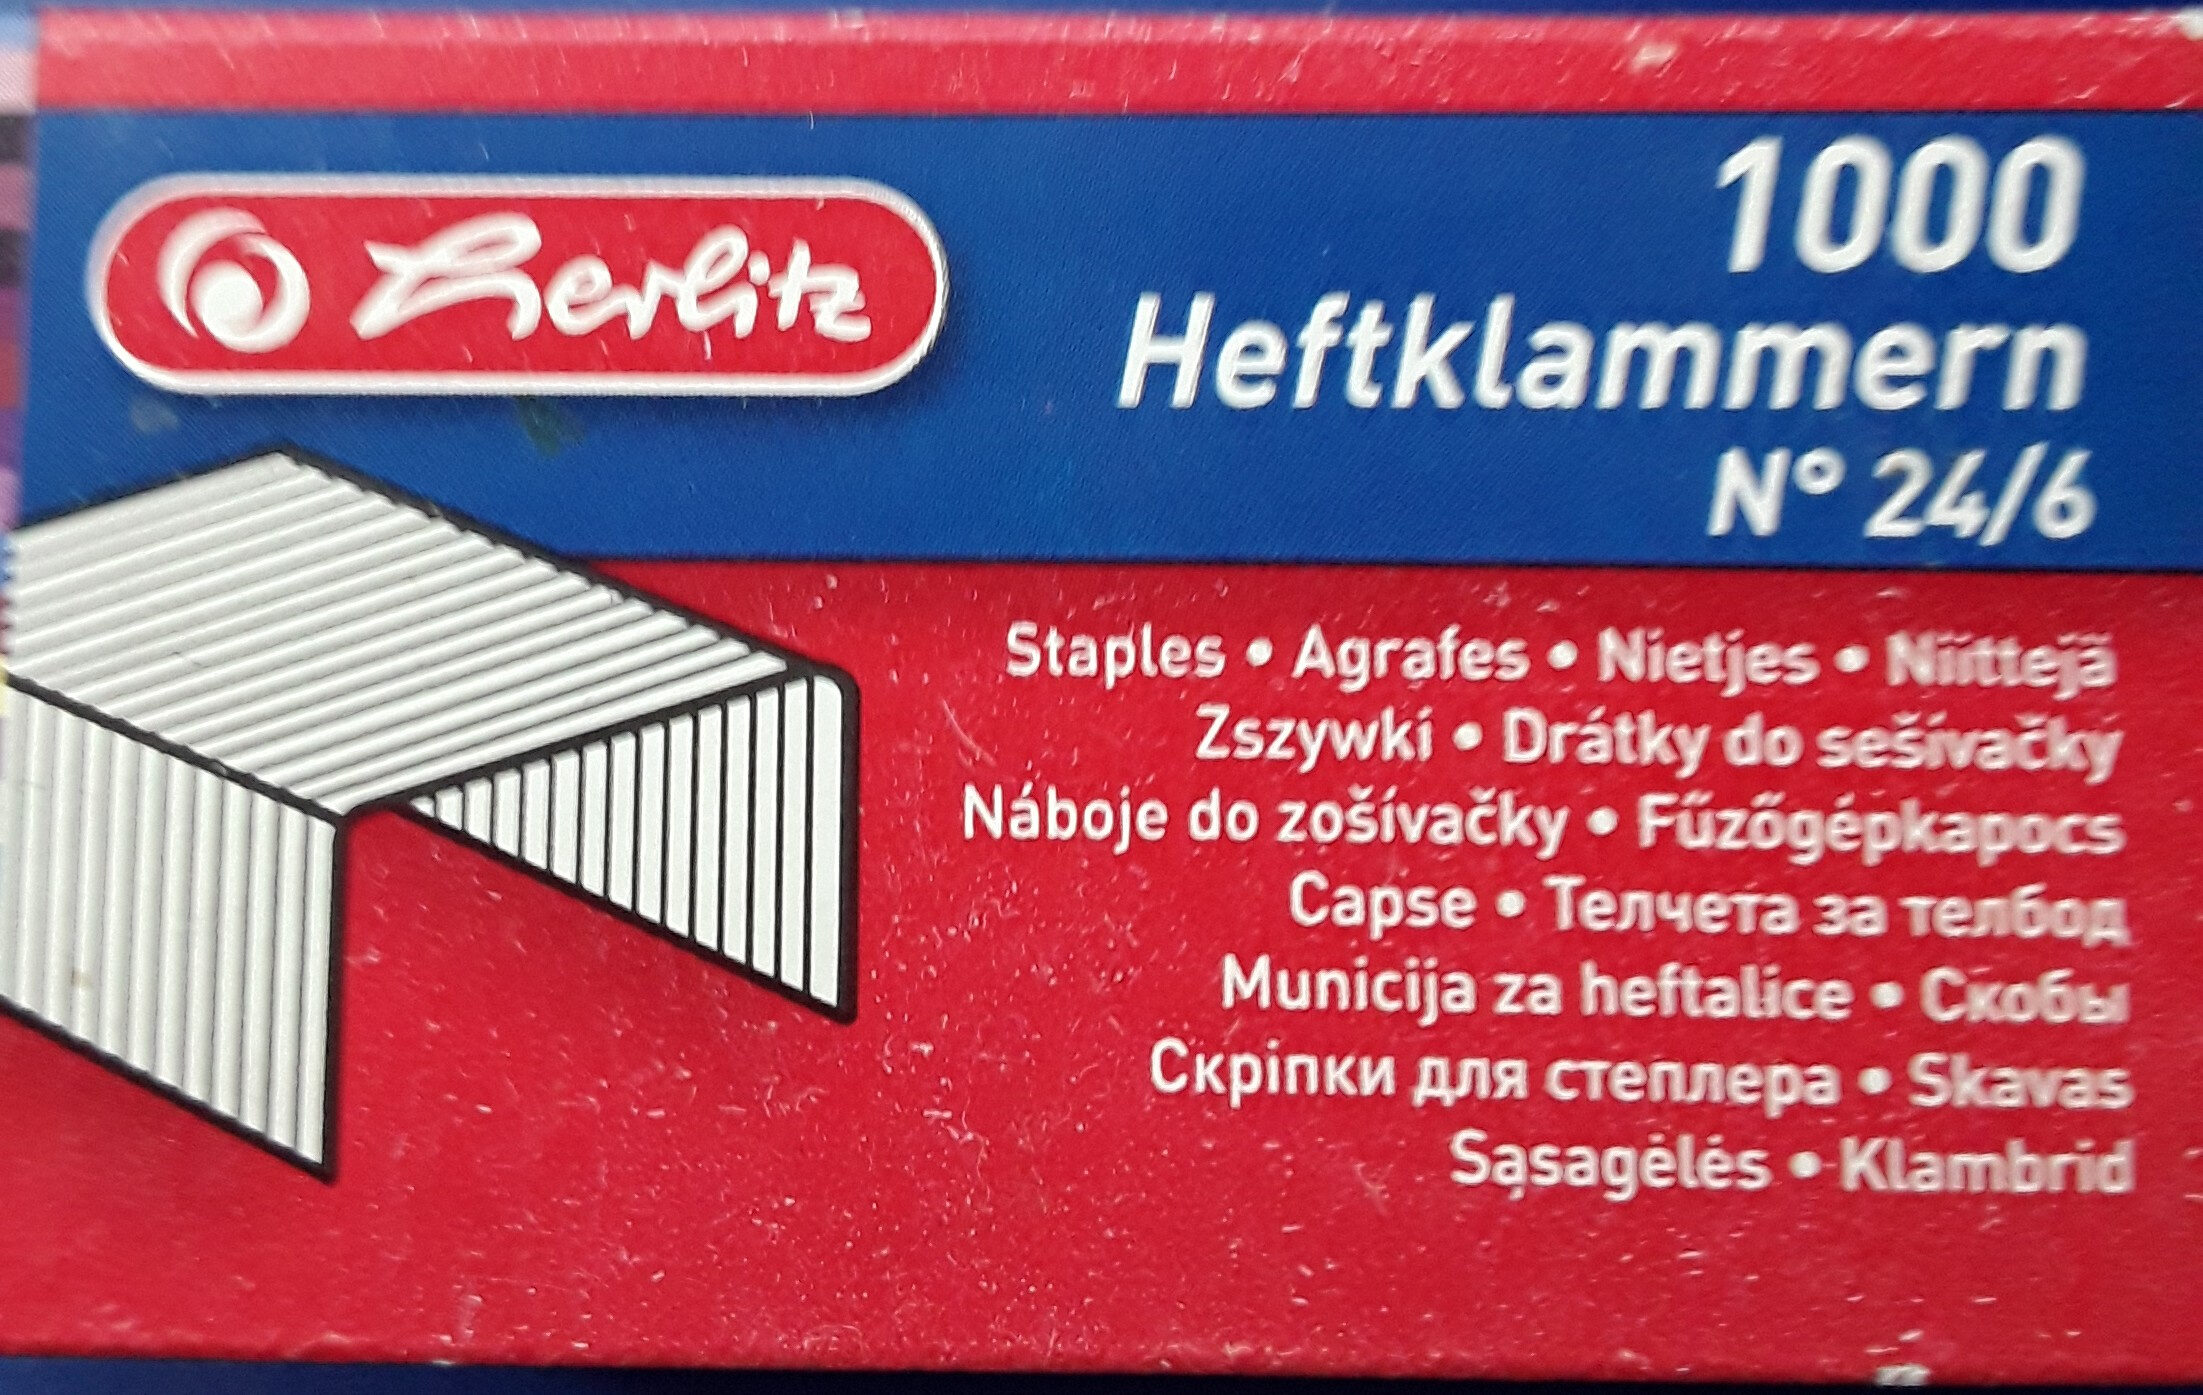 Görlitz 1000 Heftklammern - Product - de